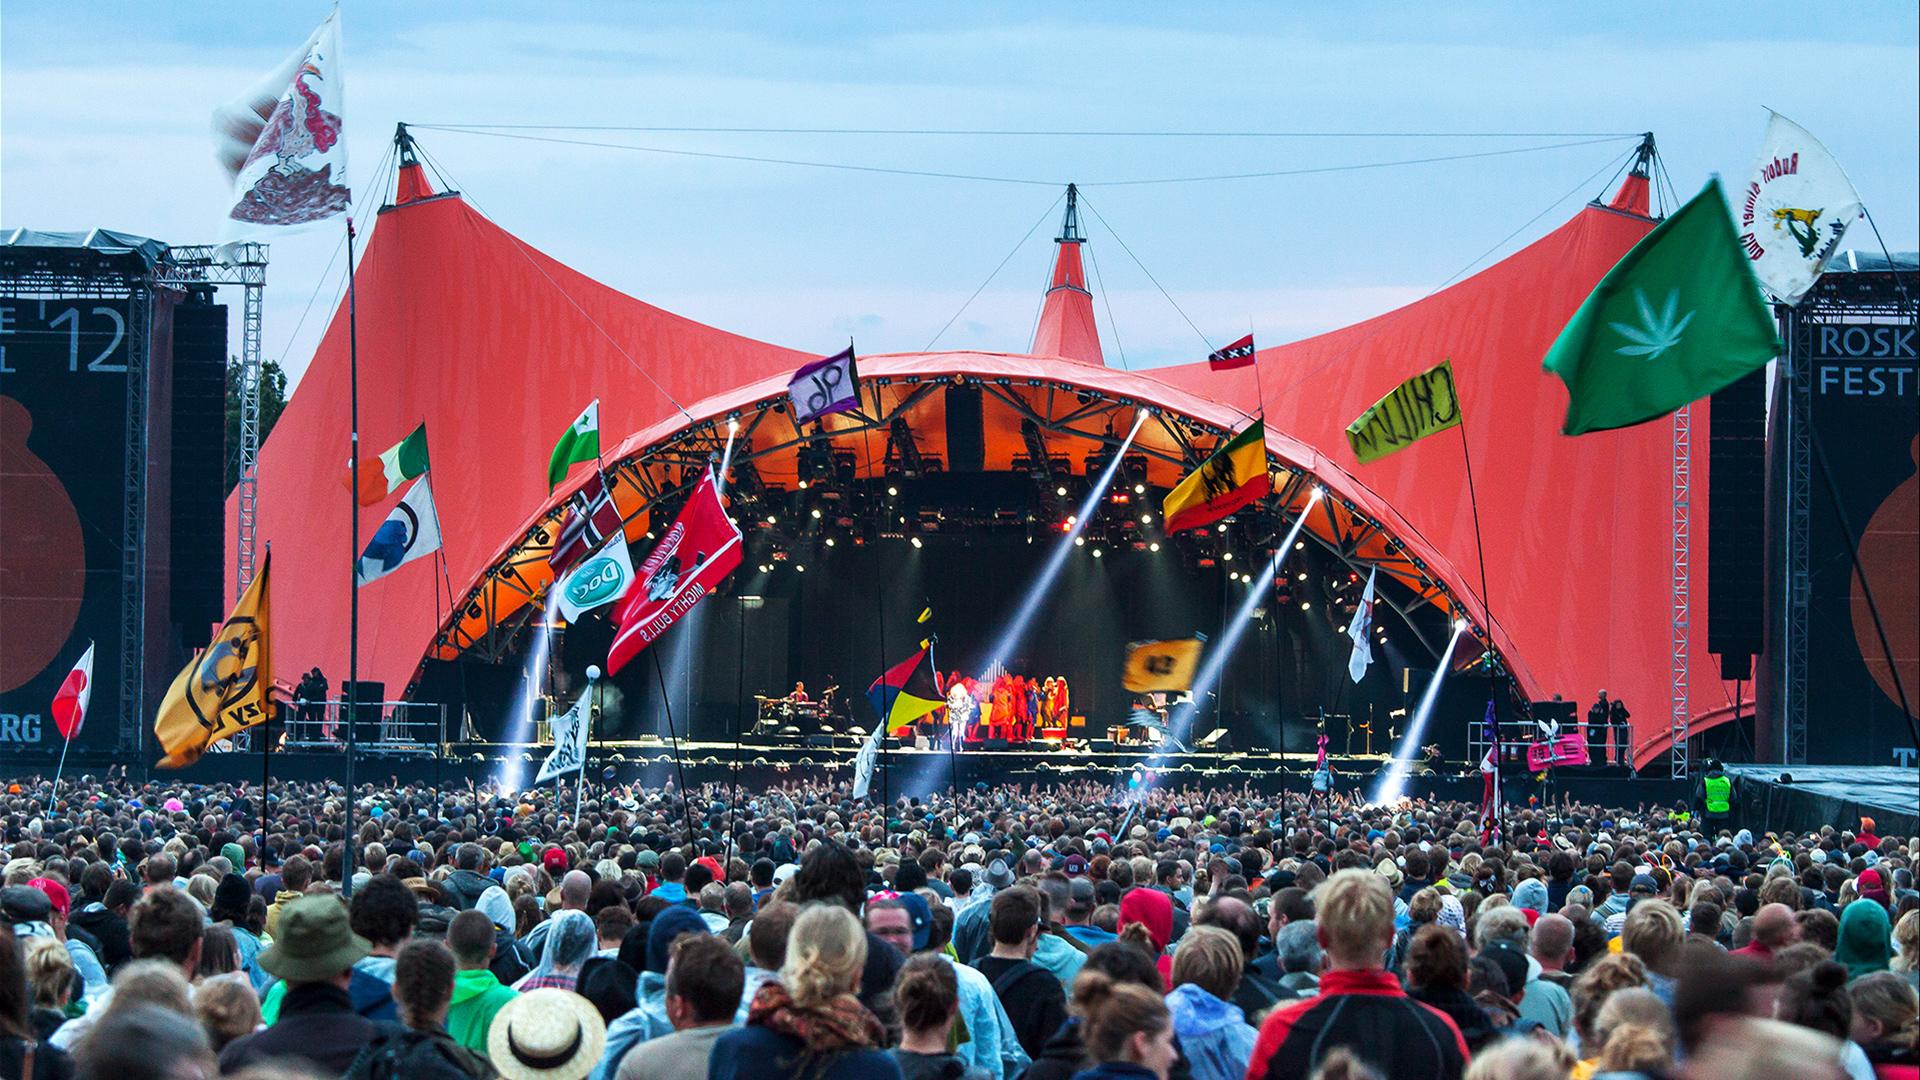 Hjernekassen på P1 - Rusen på Roskilde Festival